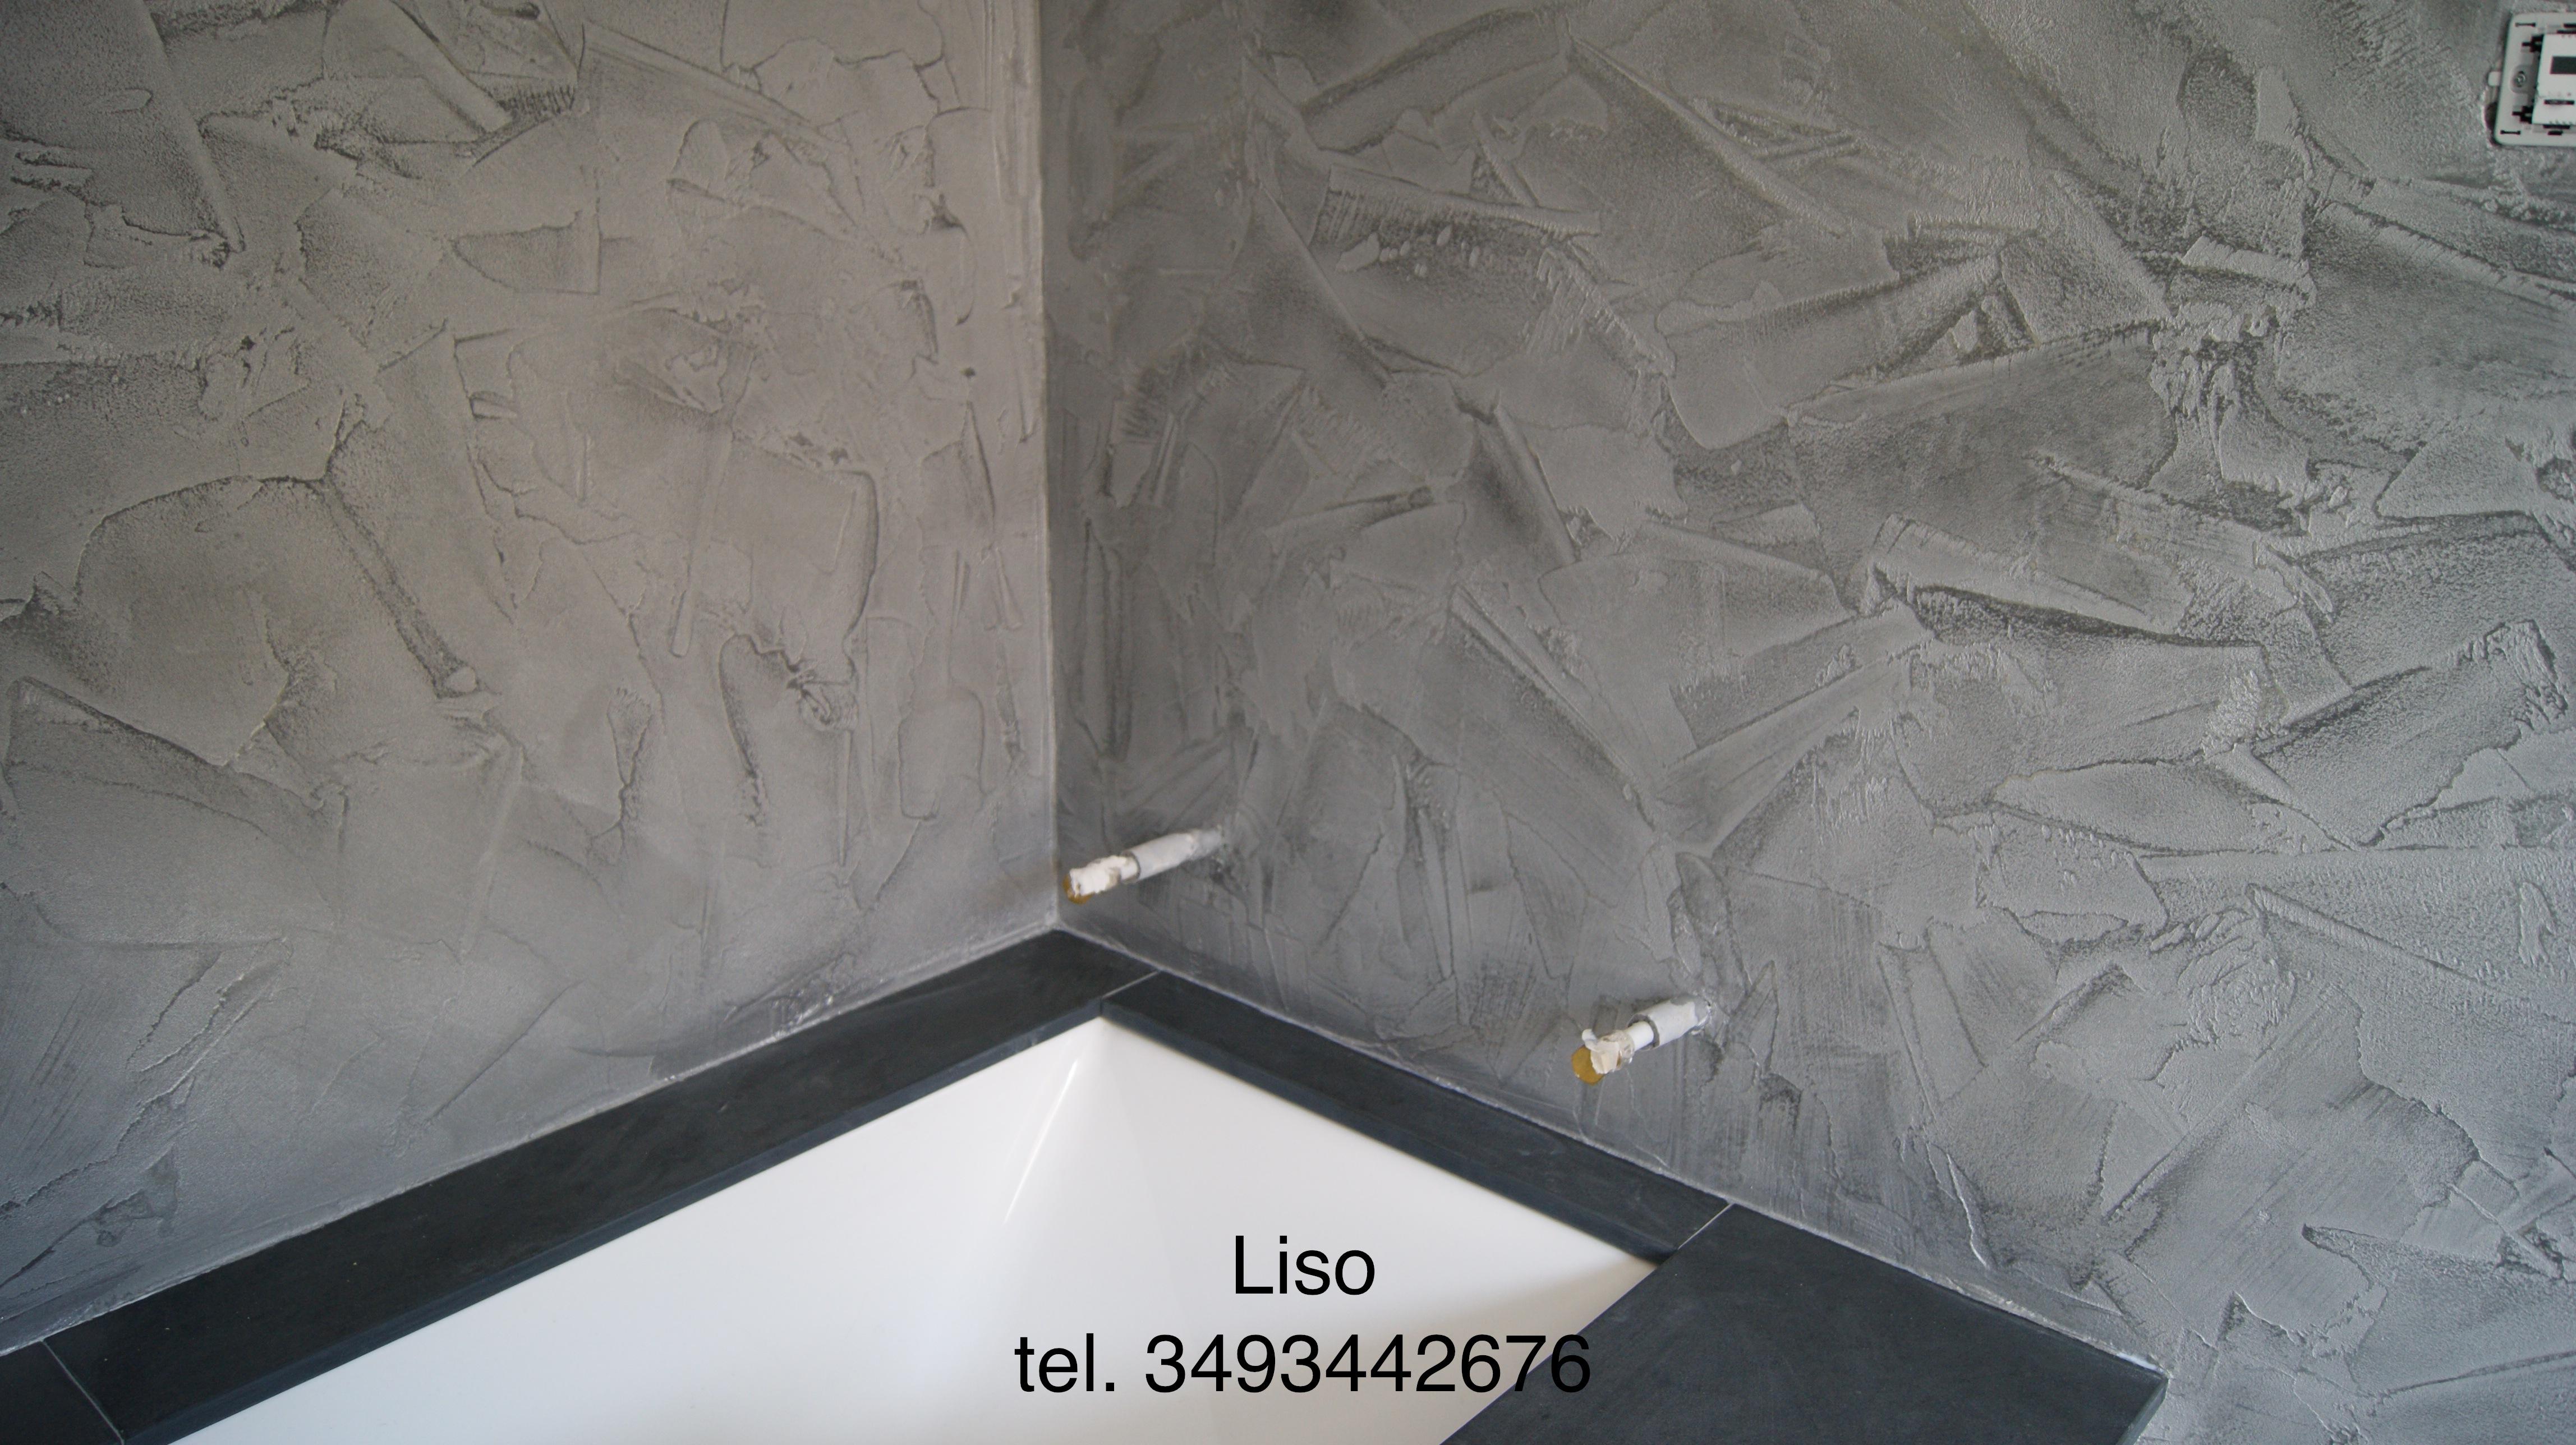 materia pavimenti e pareti in resina